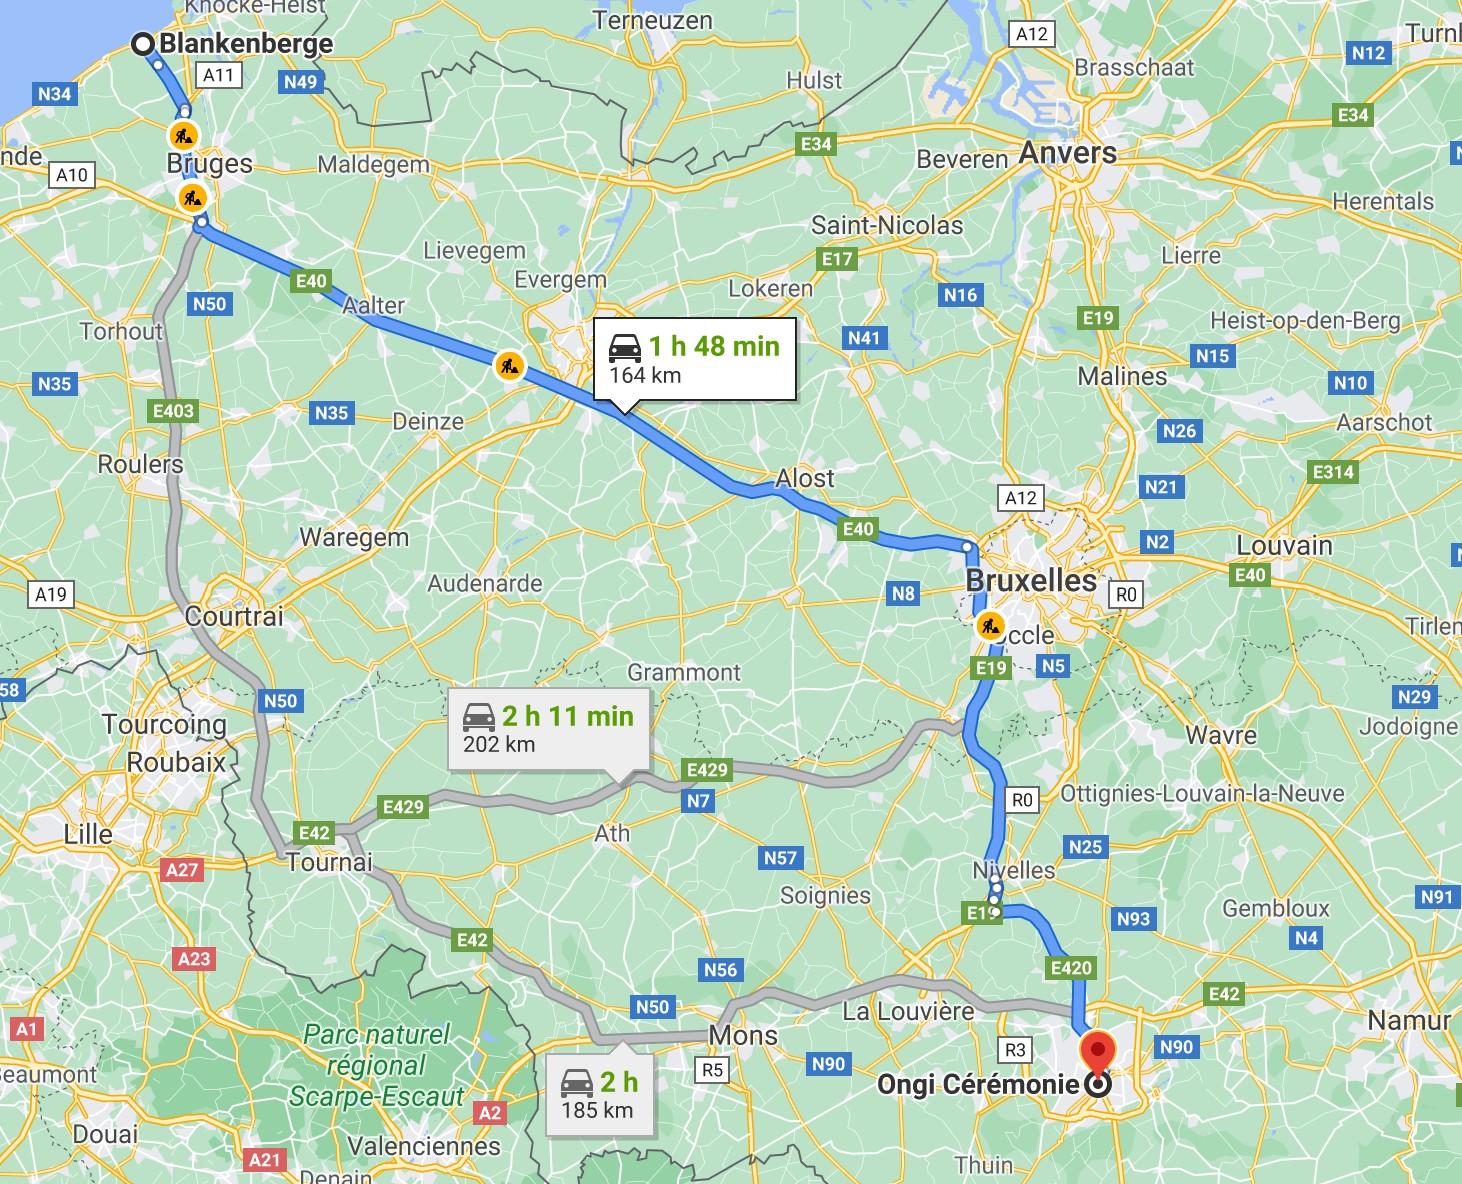 itinéraire de Blankenberge à Ongi-ceremonie